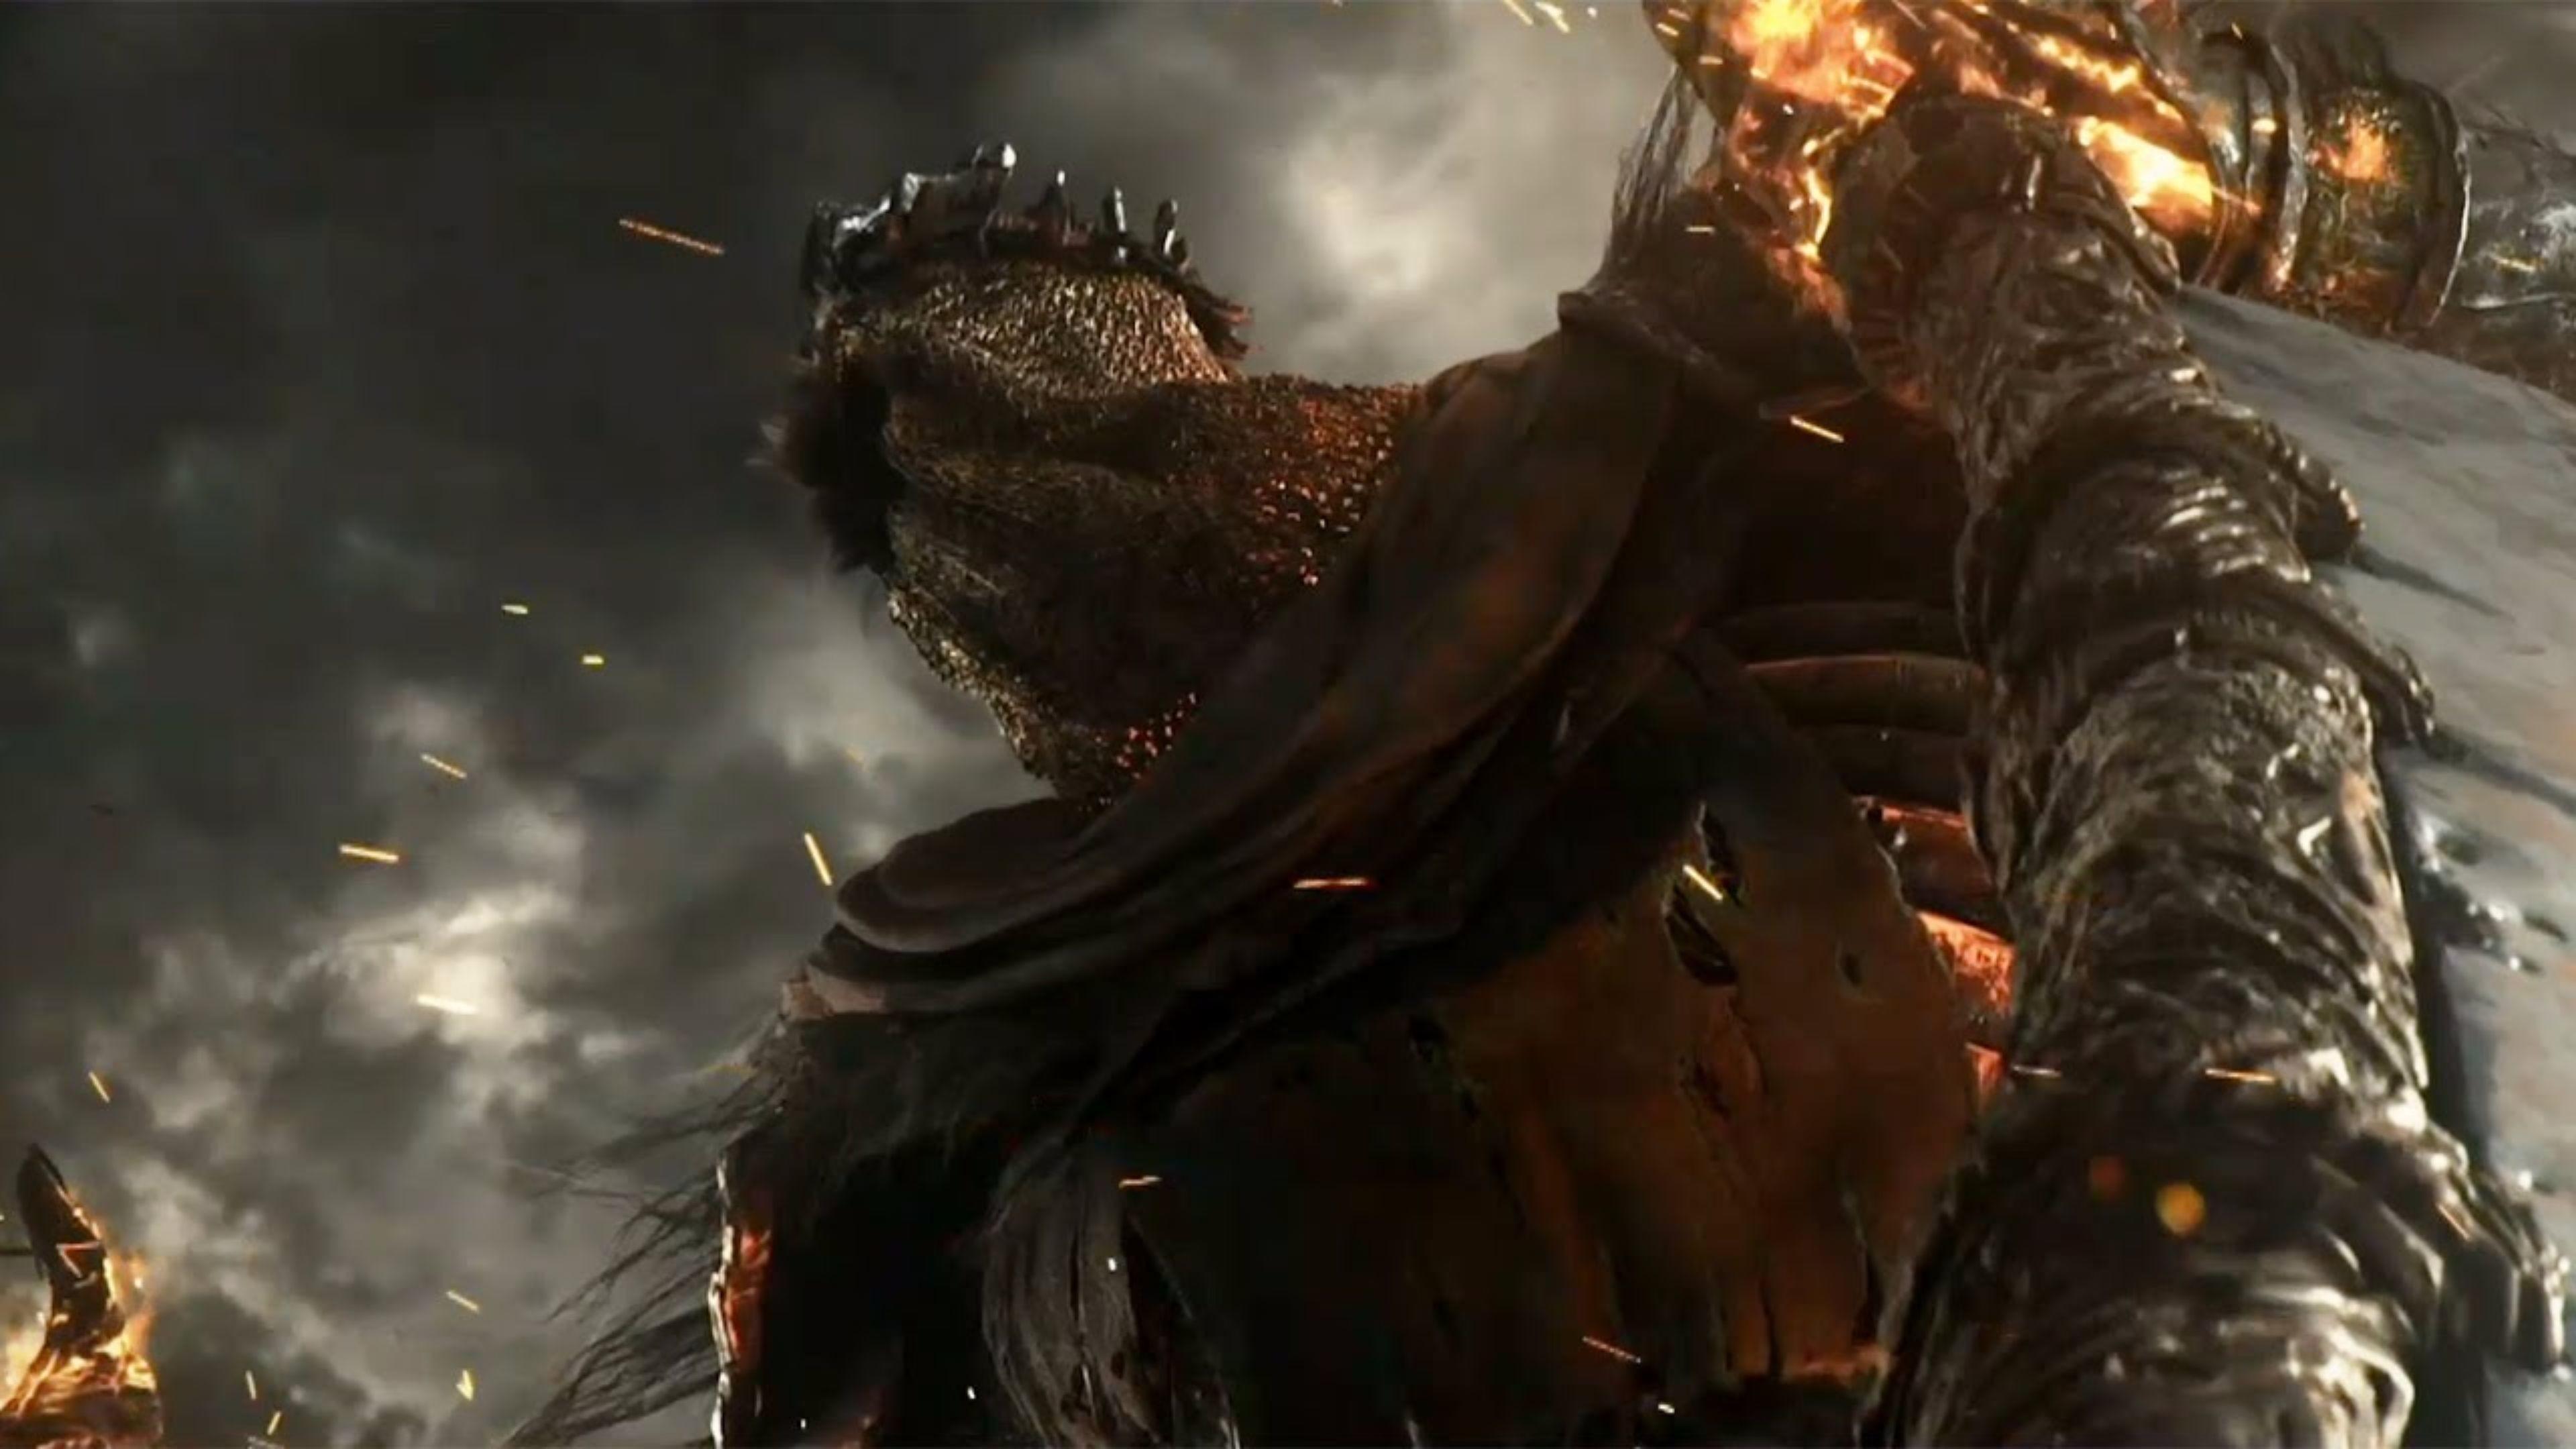 Tag: 100% Quality HD Dark Souls III Wallpapers, Dark Souls III Wallpapers,